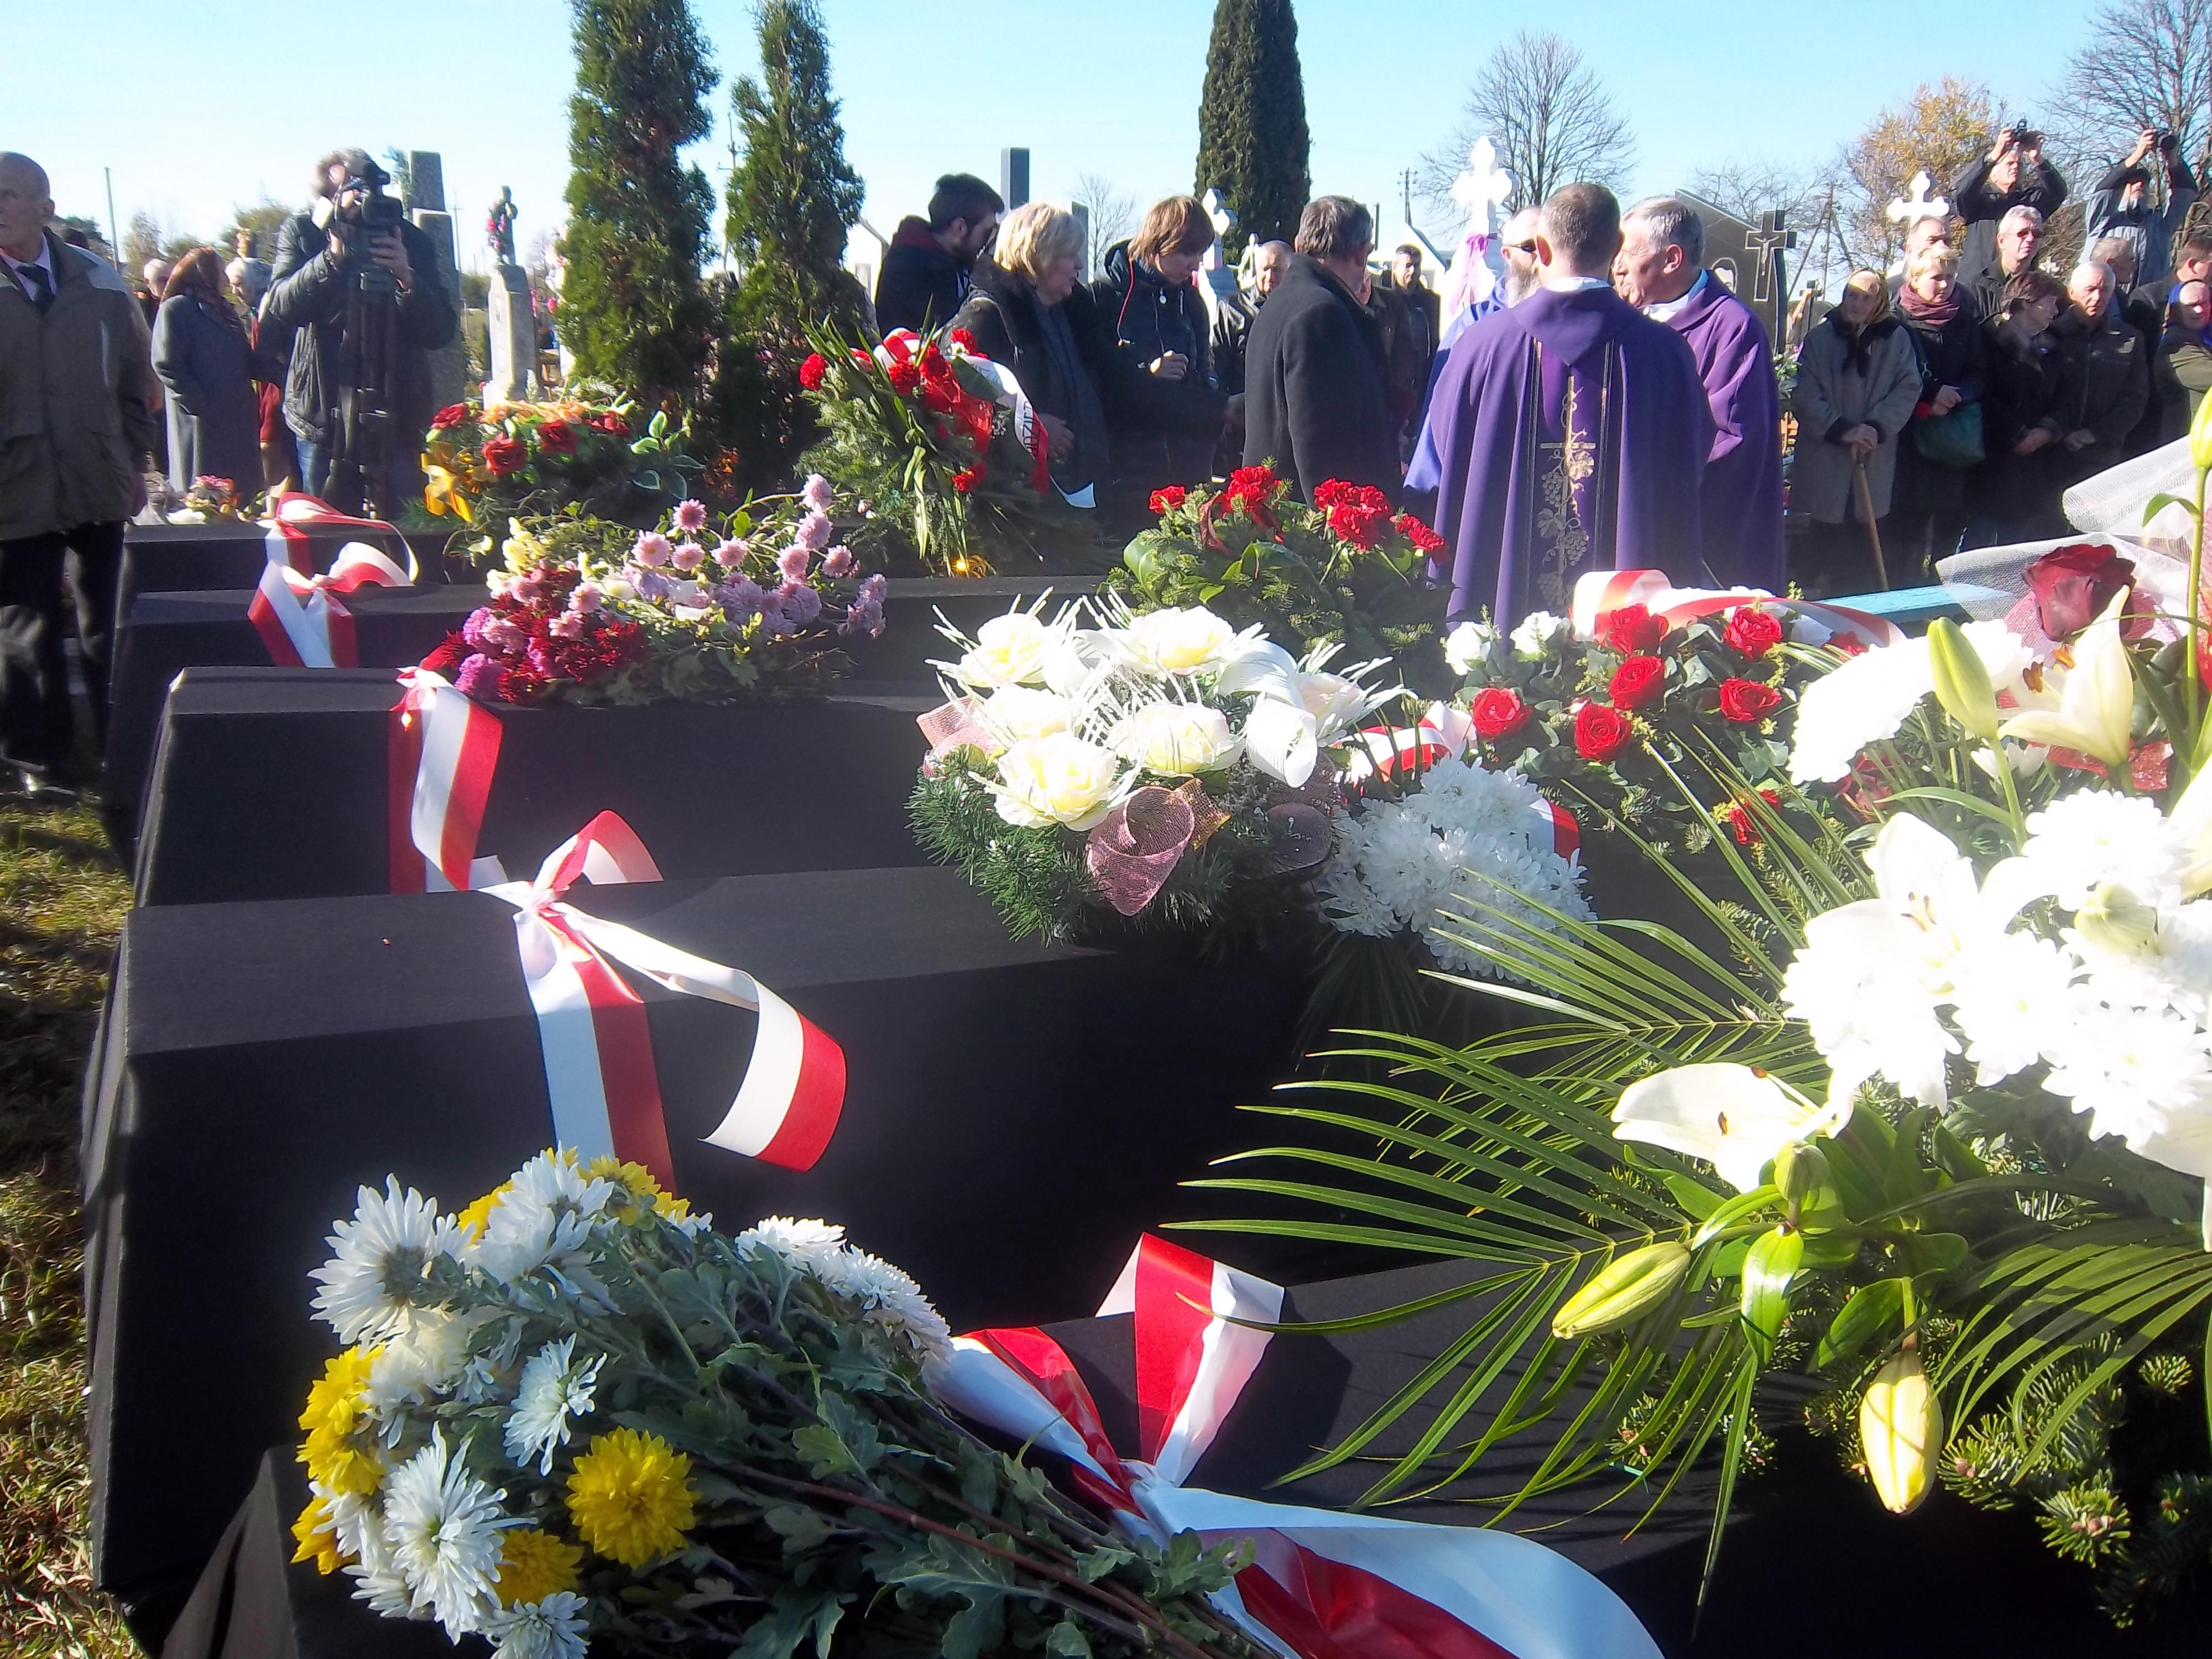 Гробы с останками опоясаны бело-красной лентой